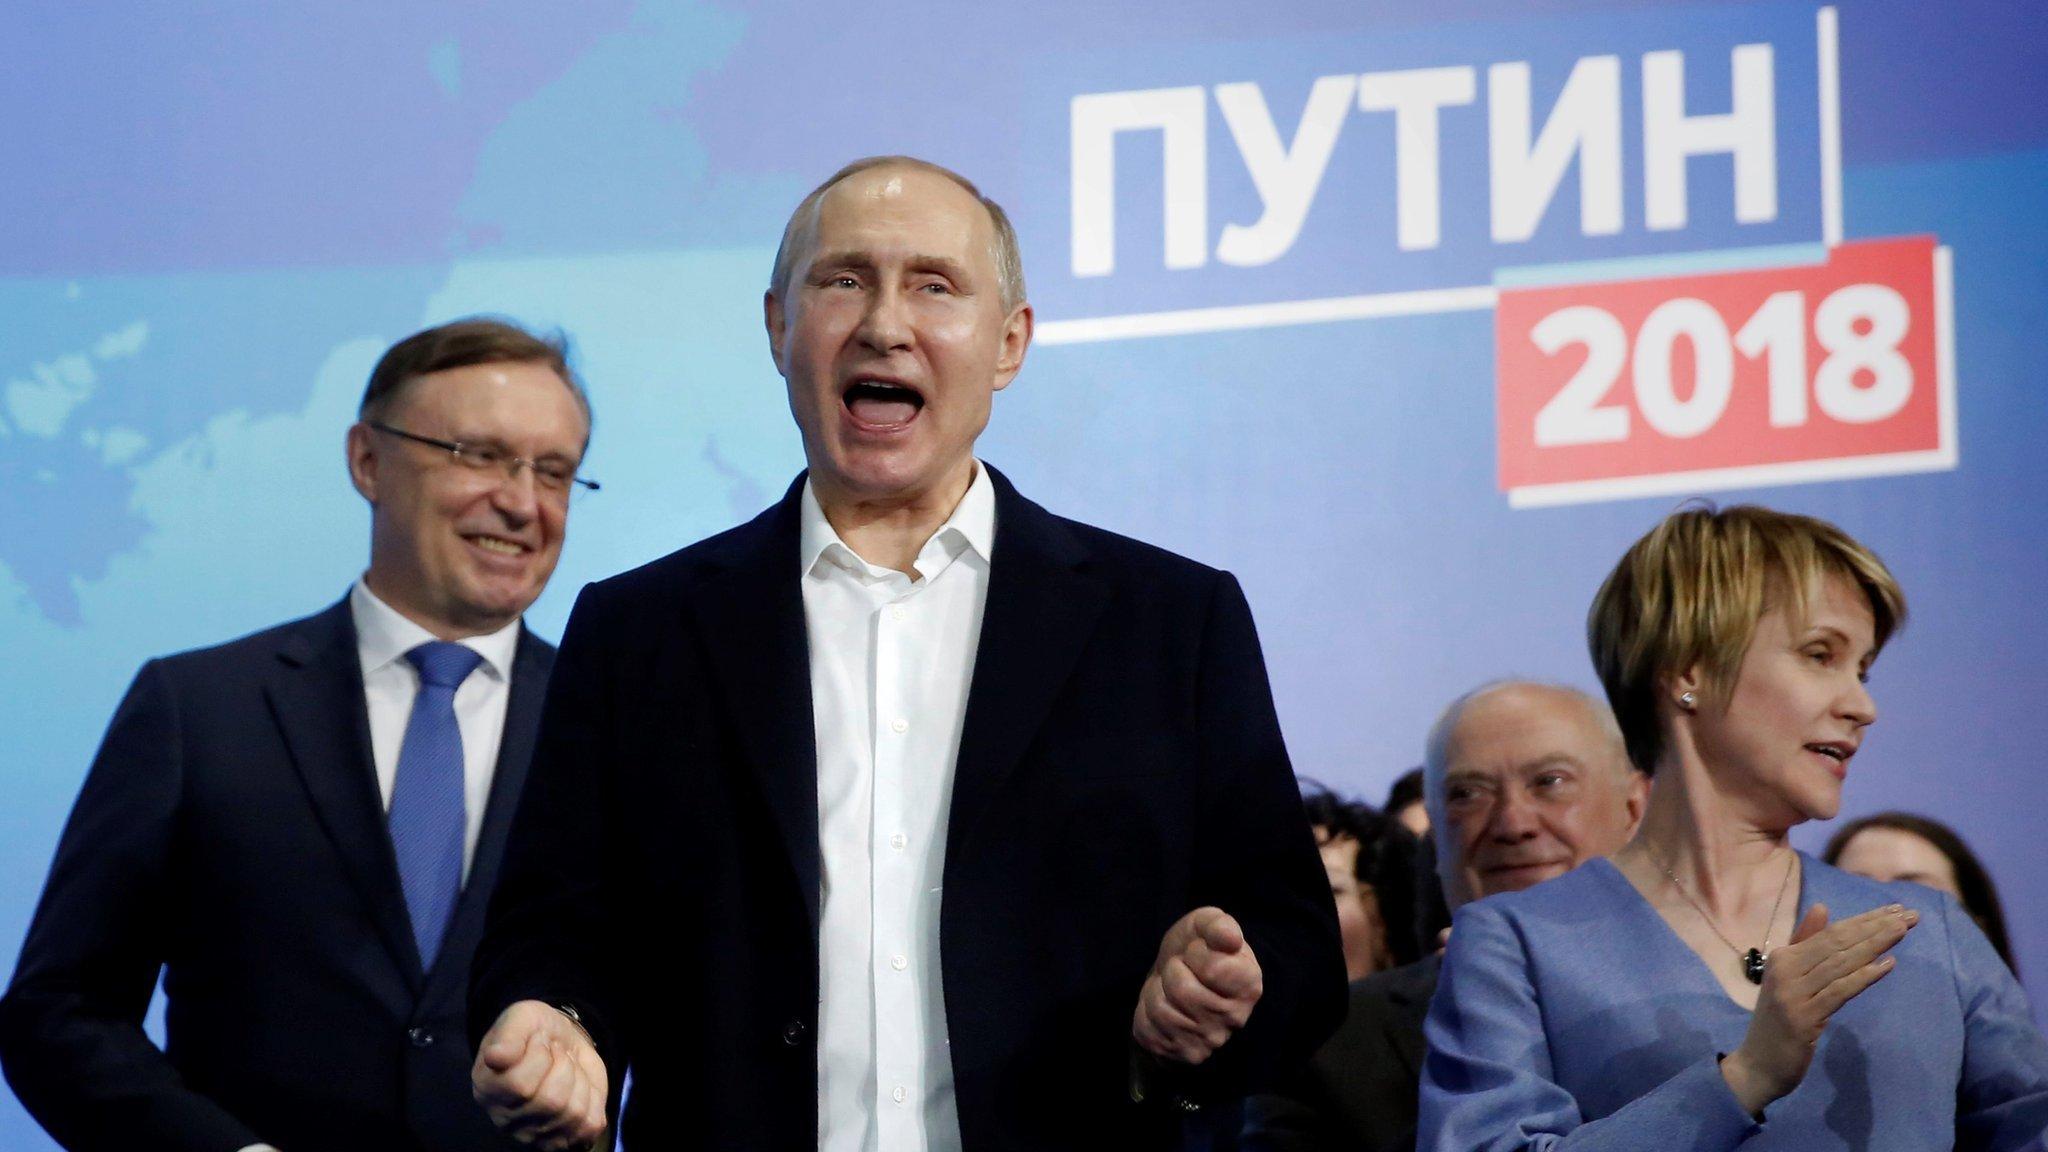 """Выборы в России: сдержанная реакция в мире на победу """"бренда Путина"""""""